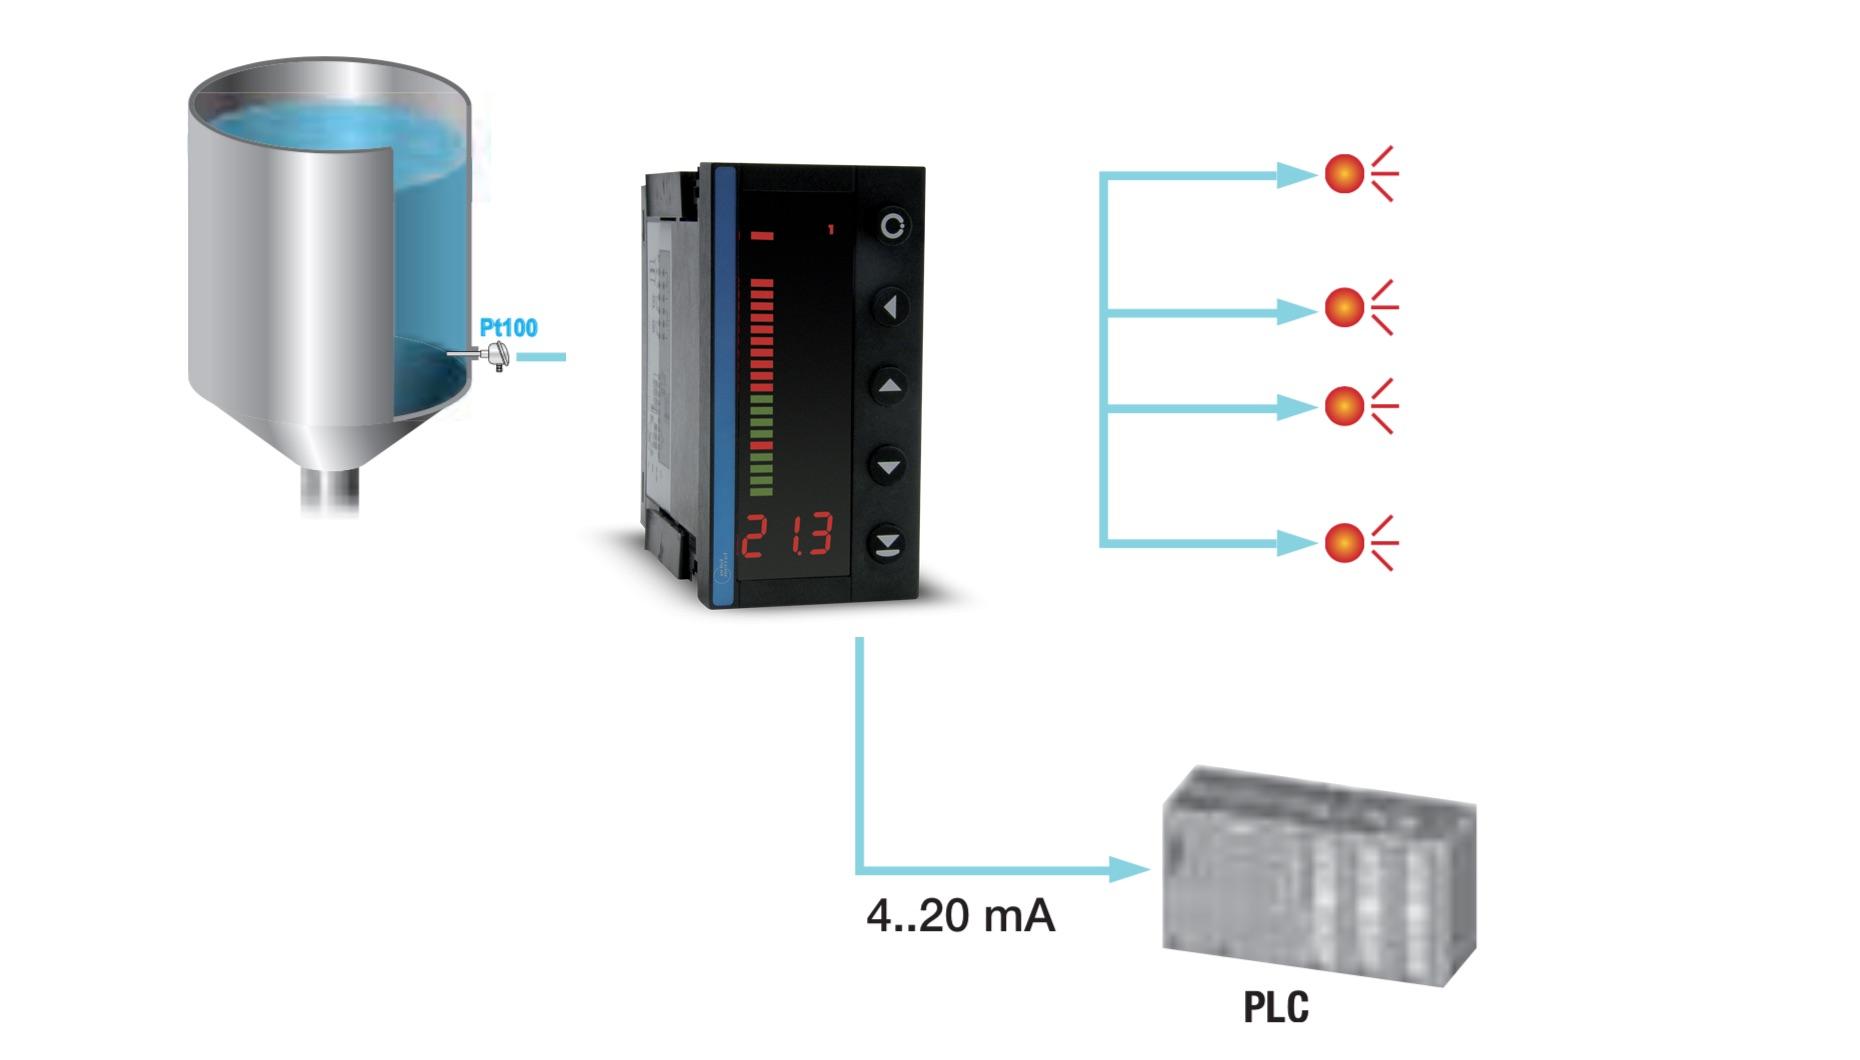 ứng dụng hiển thị nhiệt độ và điều khiển